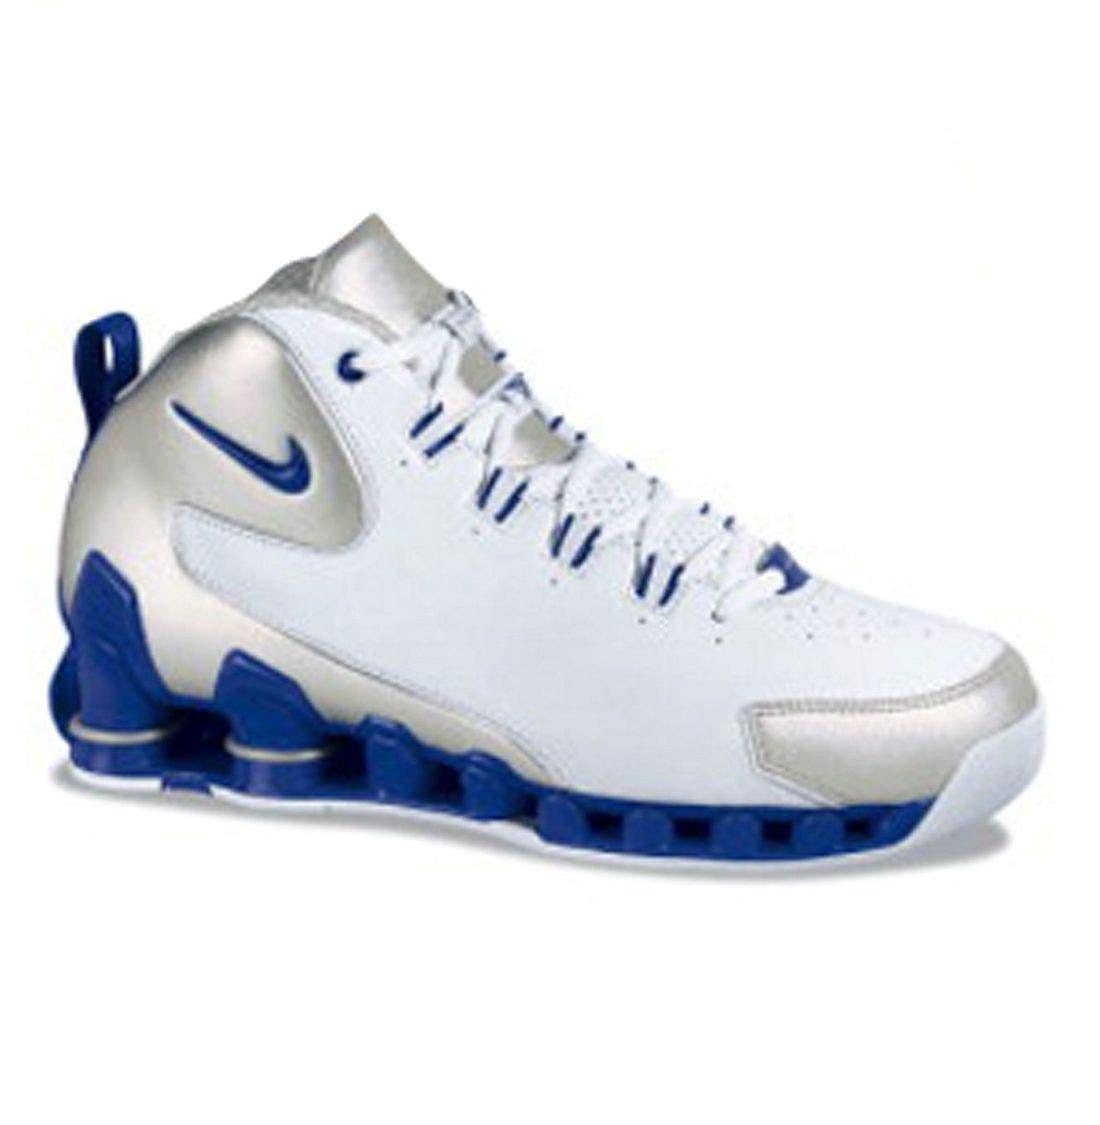 NIKE,                             'Nike Shox VC III' Basketball Shoe,                             Main thumbnail 1, color,                             WBU